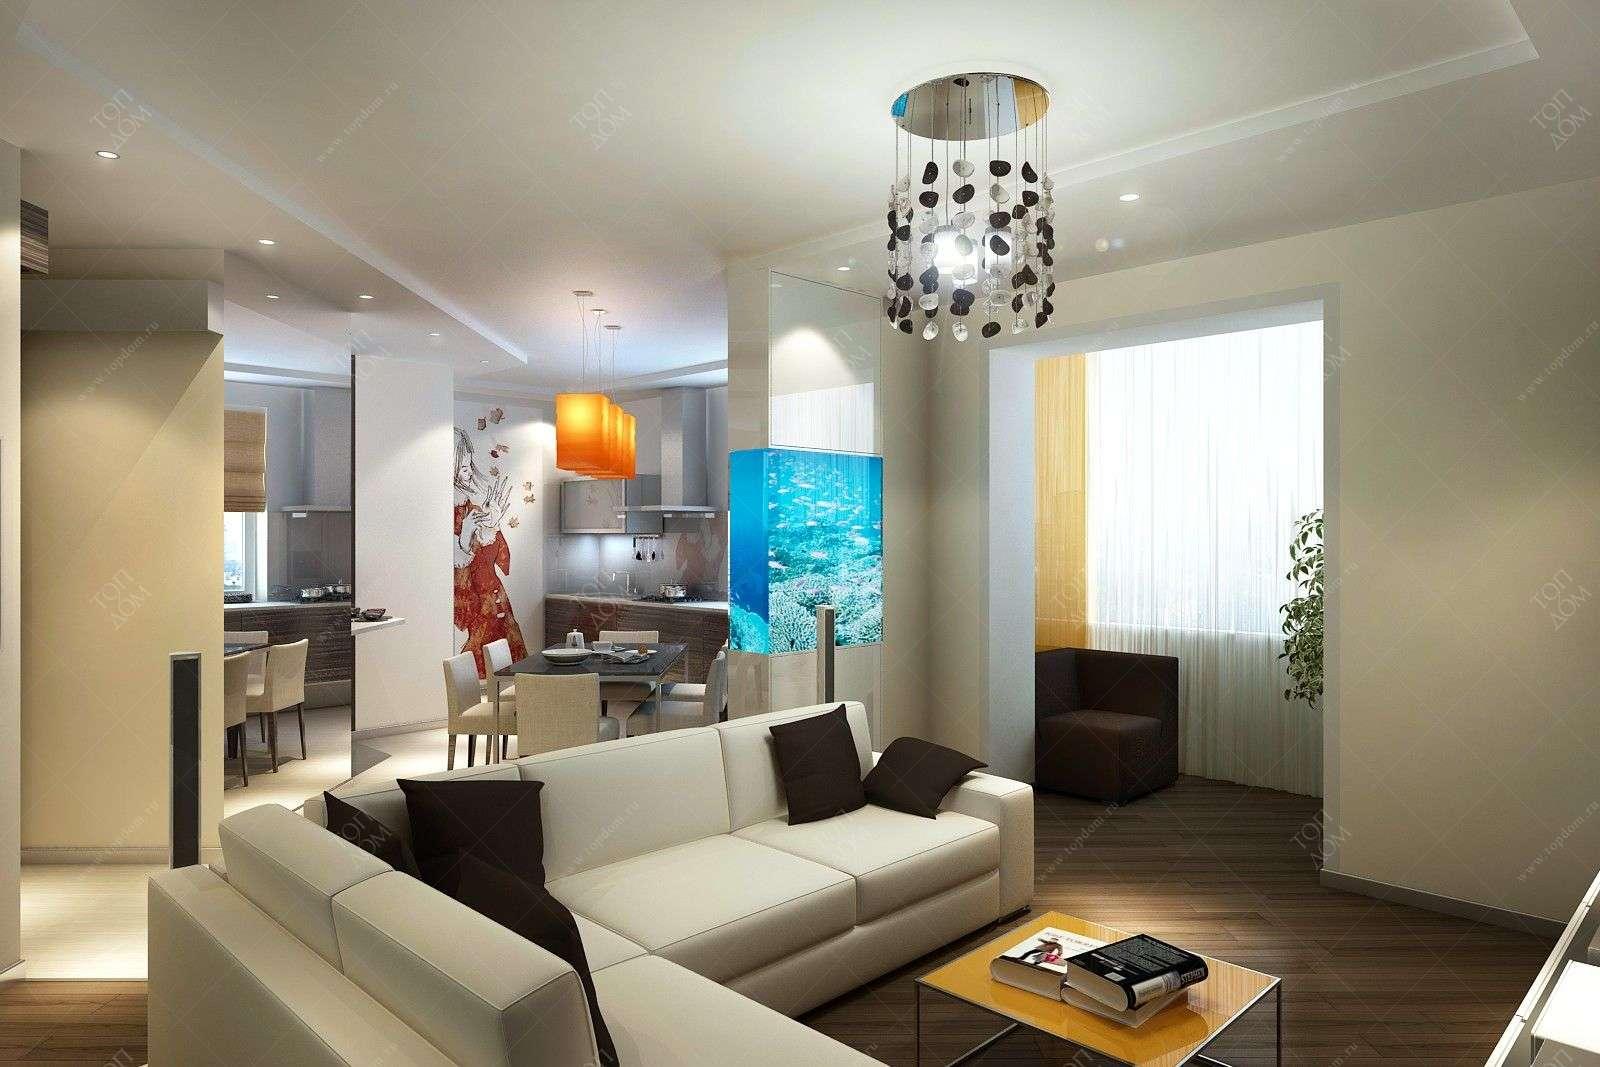 Дизайн интерьера квартиры студии.